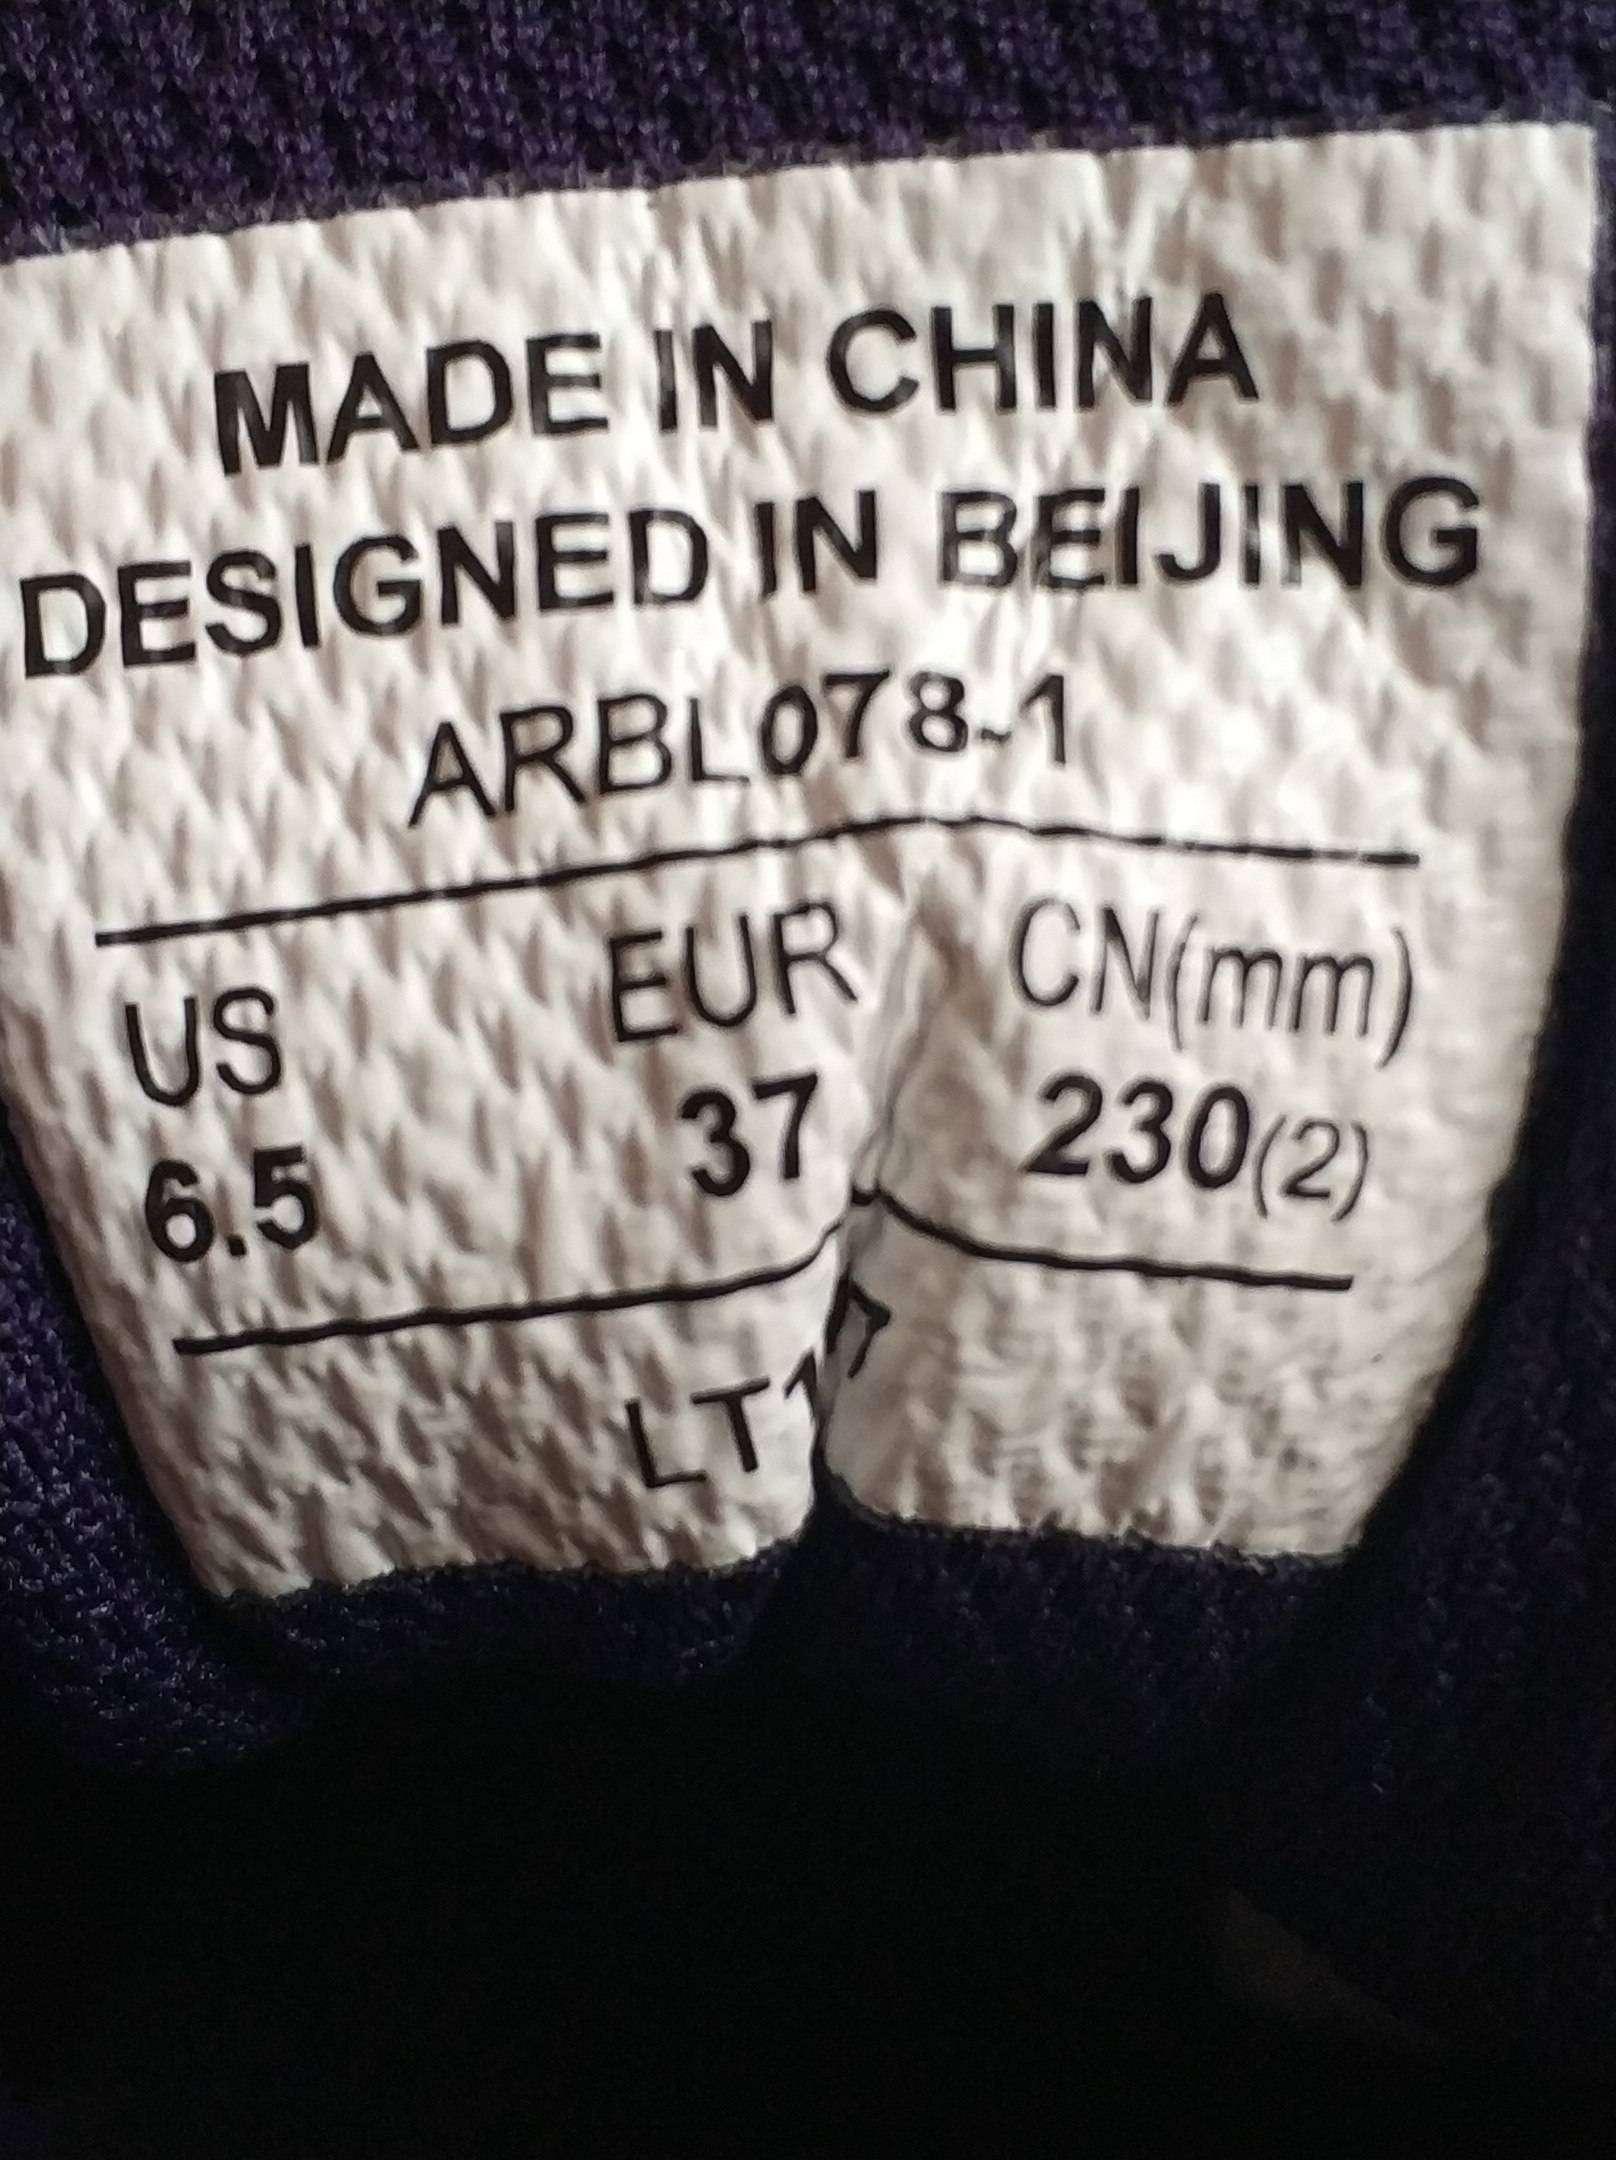 TaoBao: Li-ning arbl078-1 - классные женские кроссовки. Достать, обуть, радоваться.